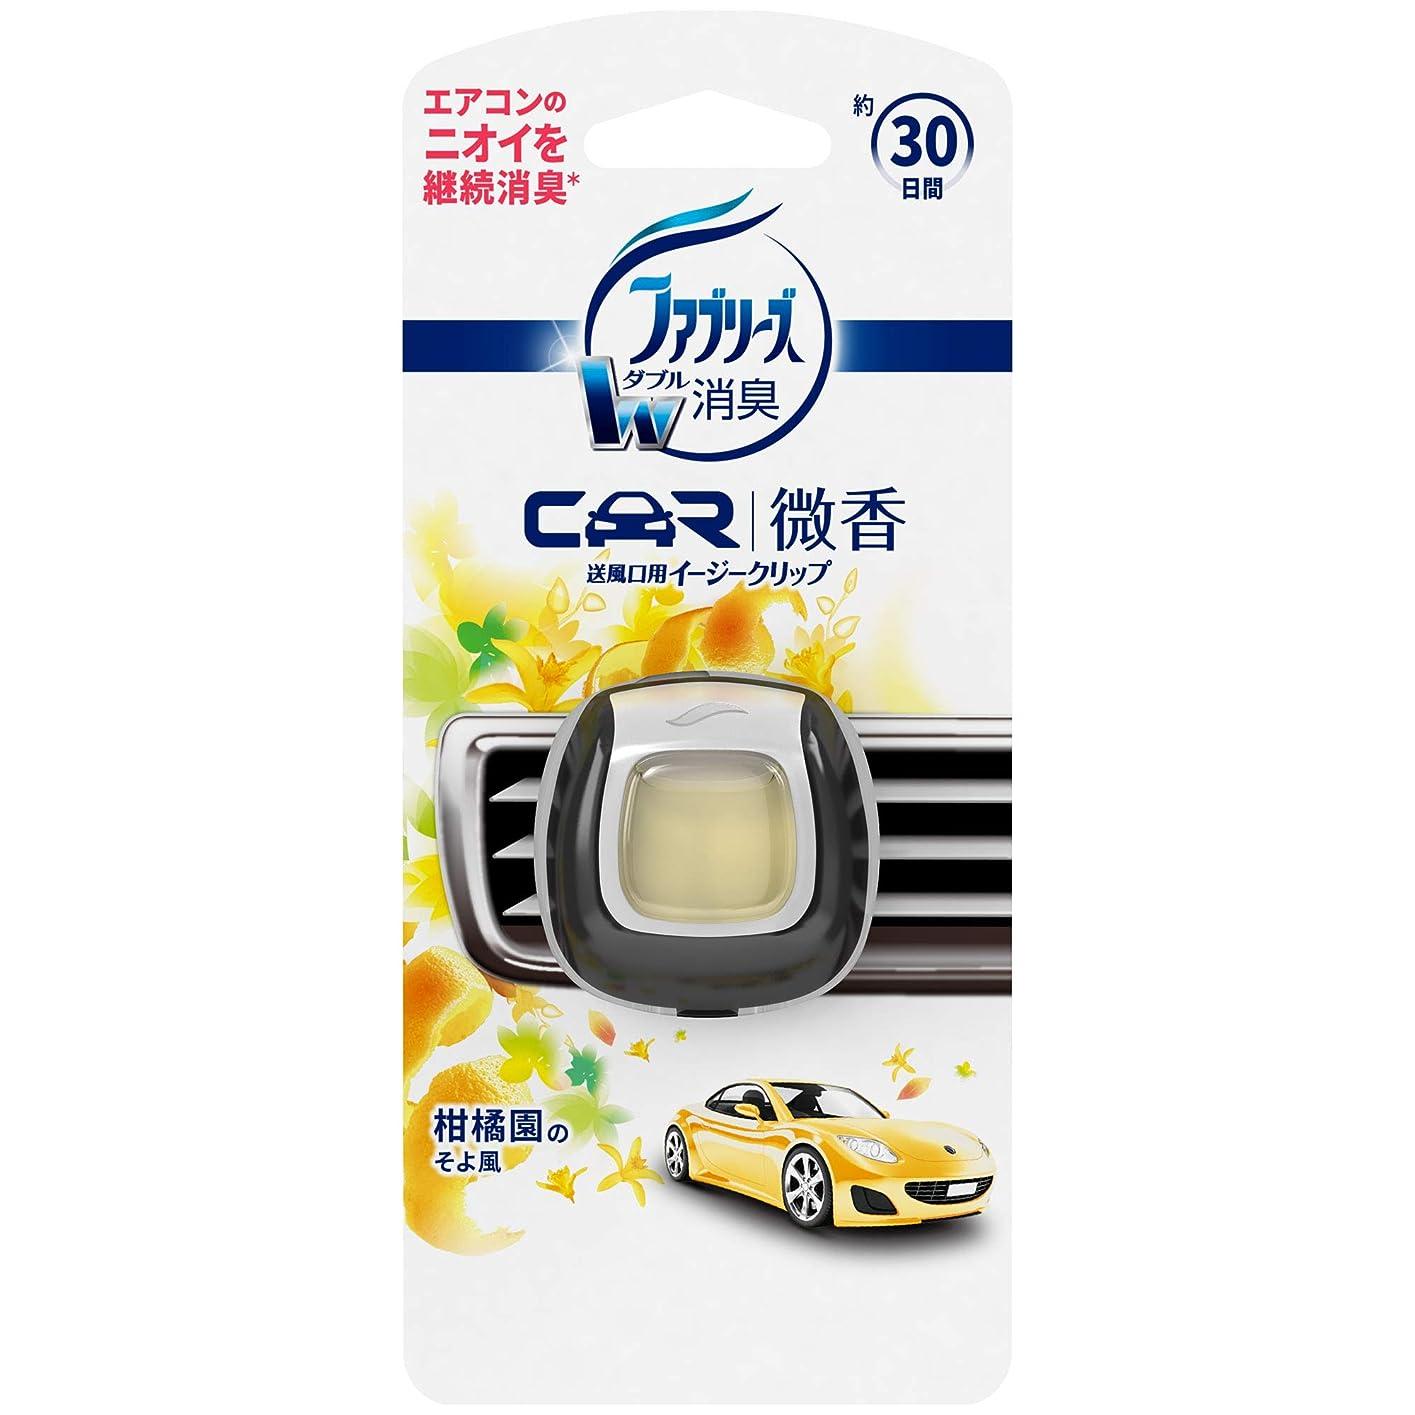 綺麗な基本的な悪化させるファブリーズ 車用 クリップ型 消臭芳香剤 イージークリップ 微香 柑橘園のそよ風 2mL